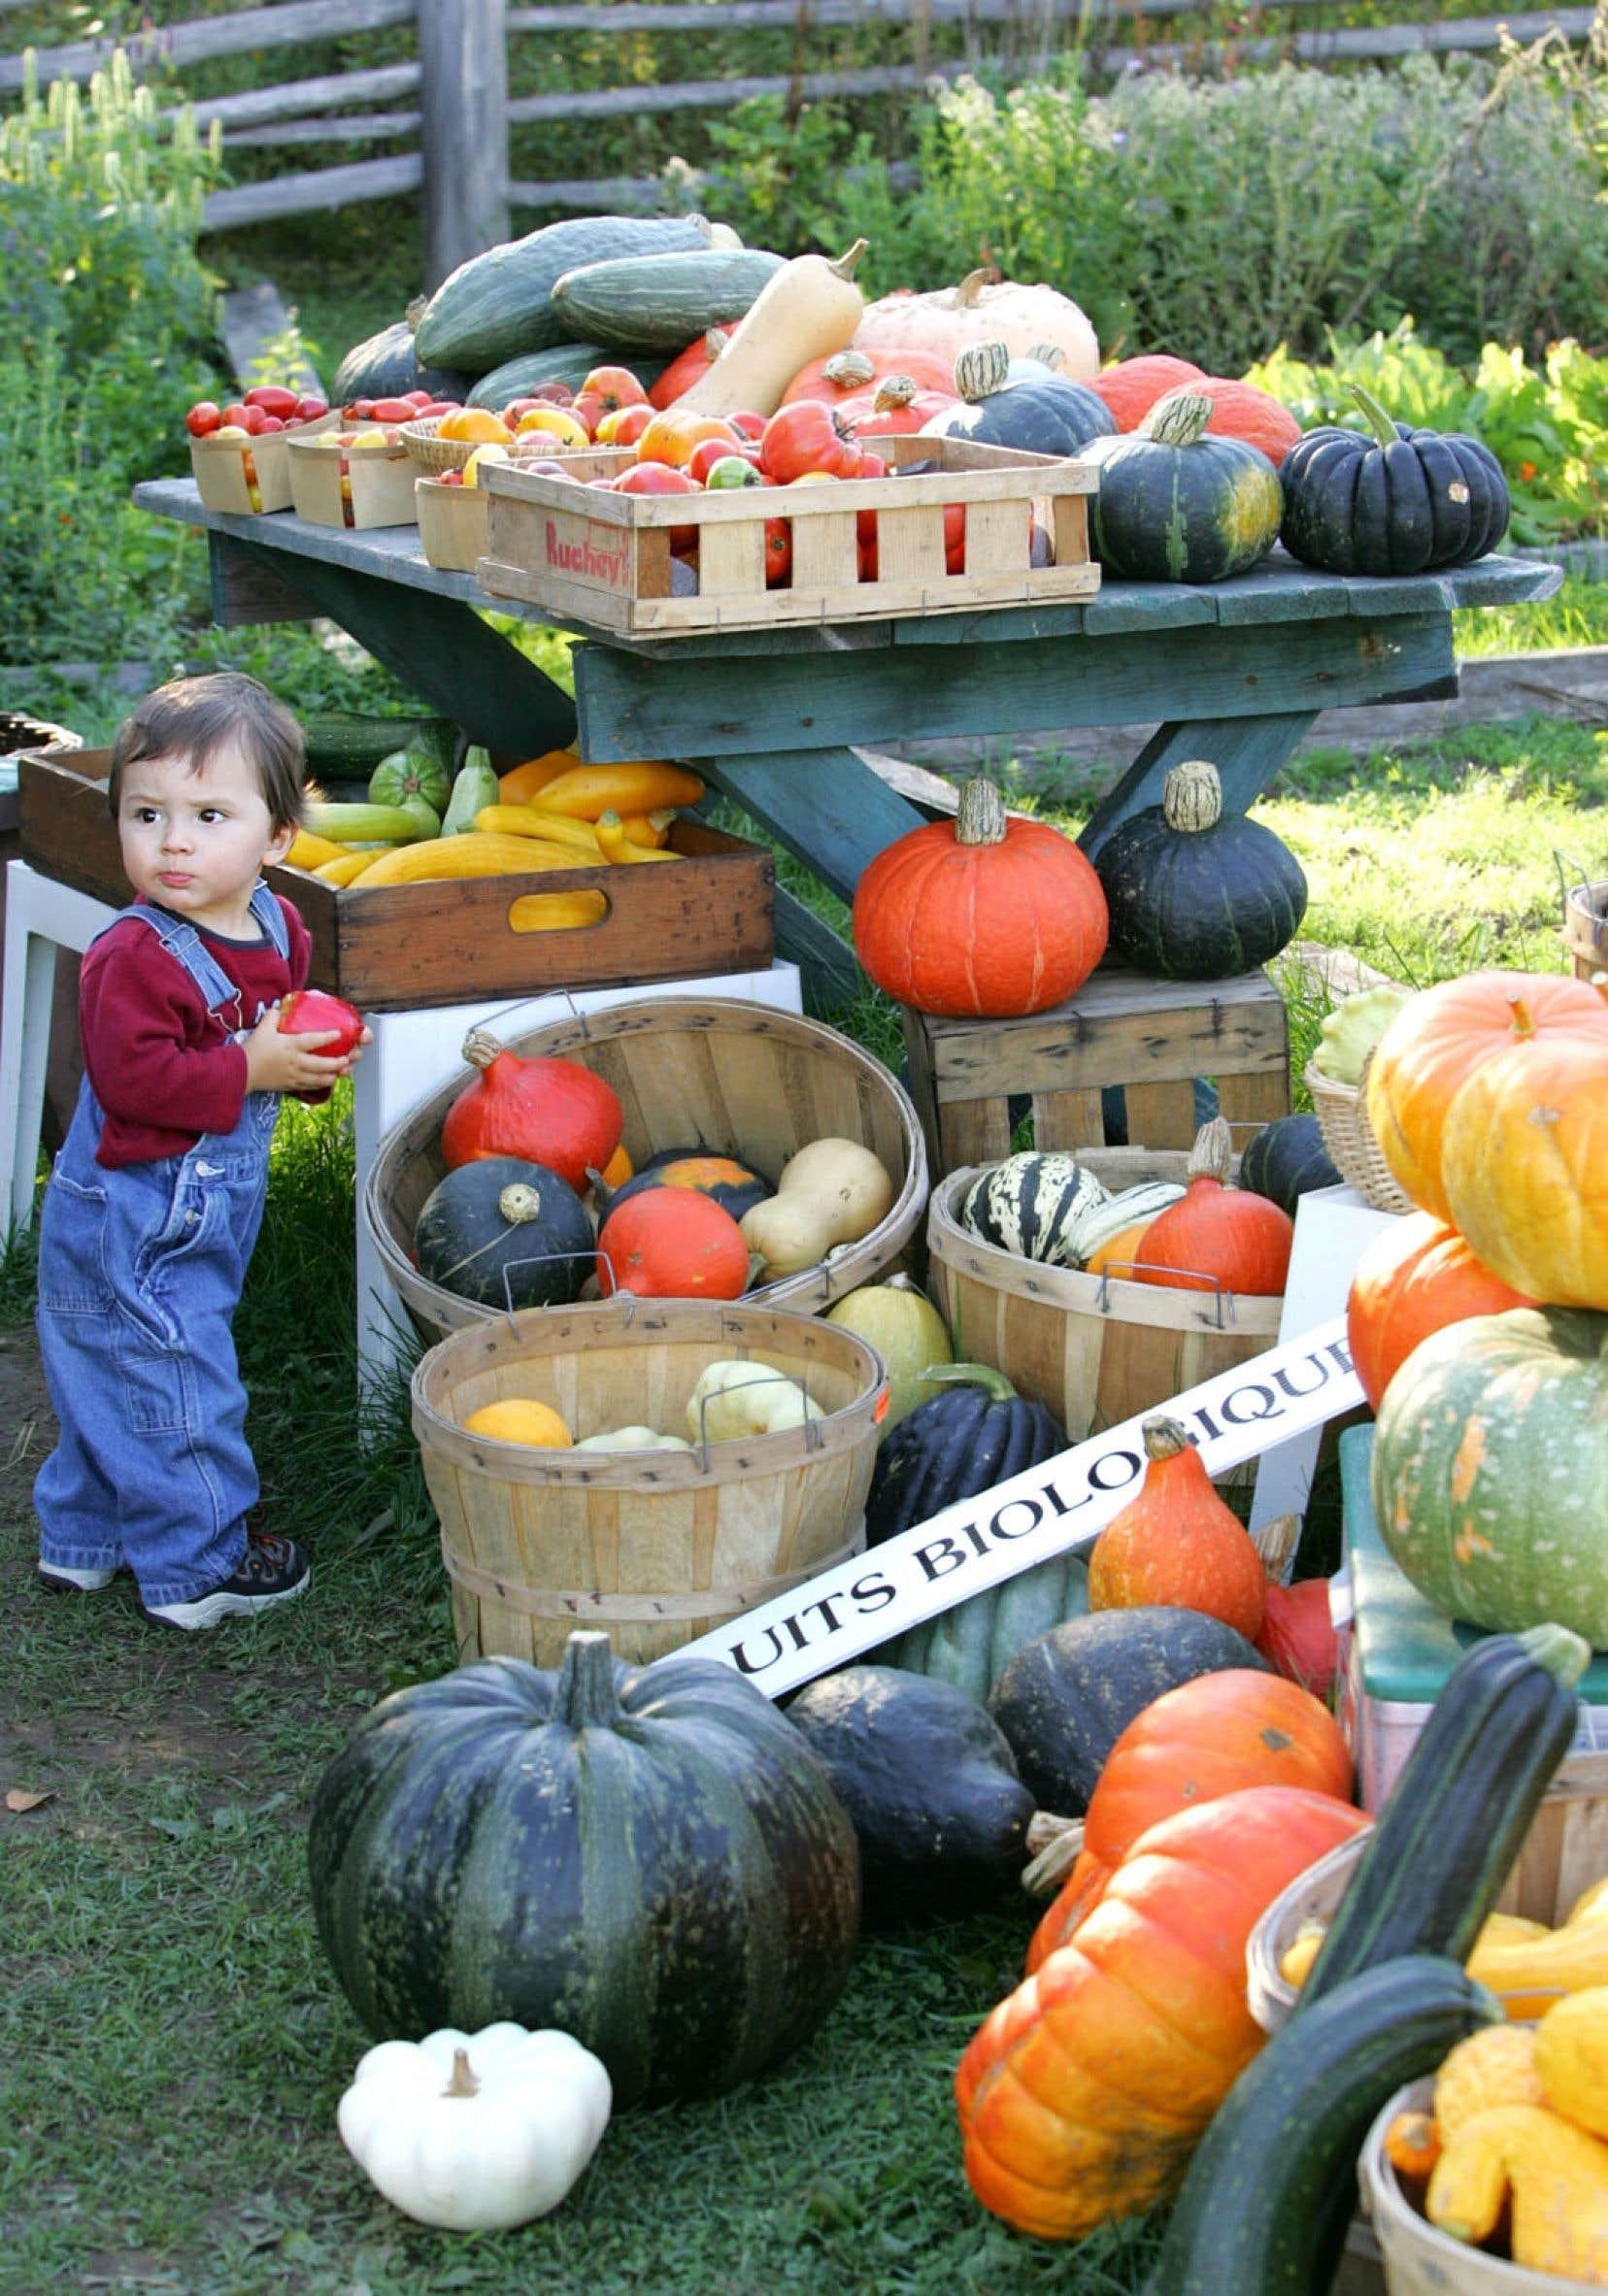 Les producteurs biologiques ont évolué et les consommateurs aussi. Il serait plus avantageux pour tous d'insérer les produits biologiques avec les produits conventionnels.